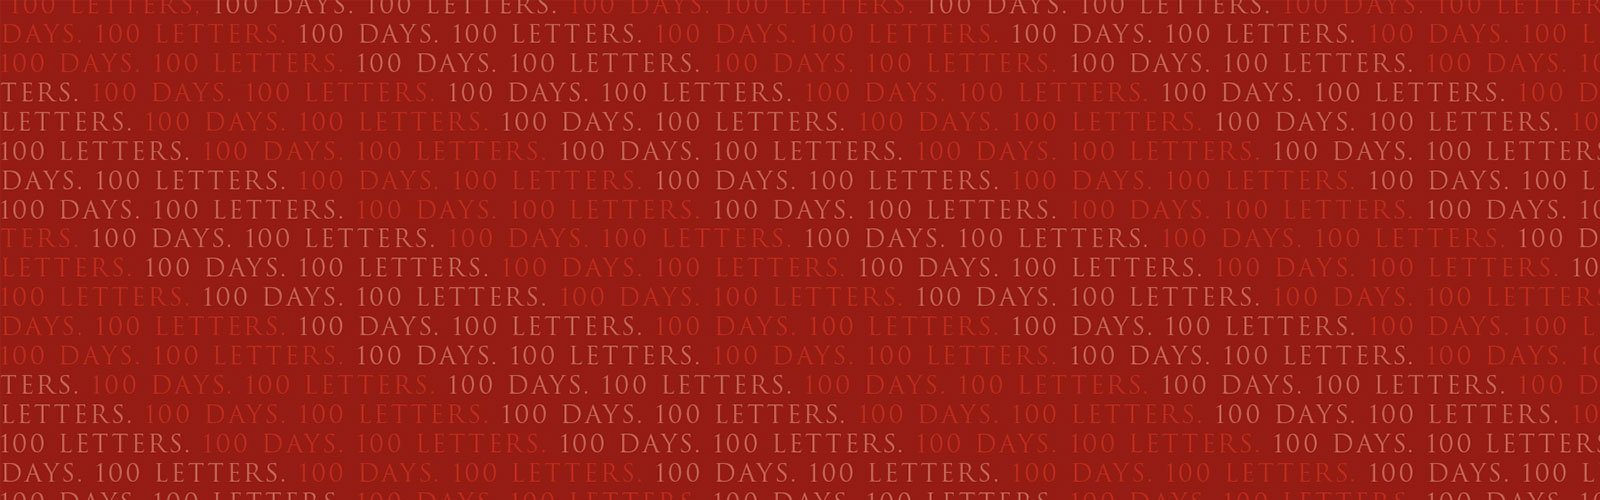 Letter 68